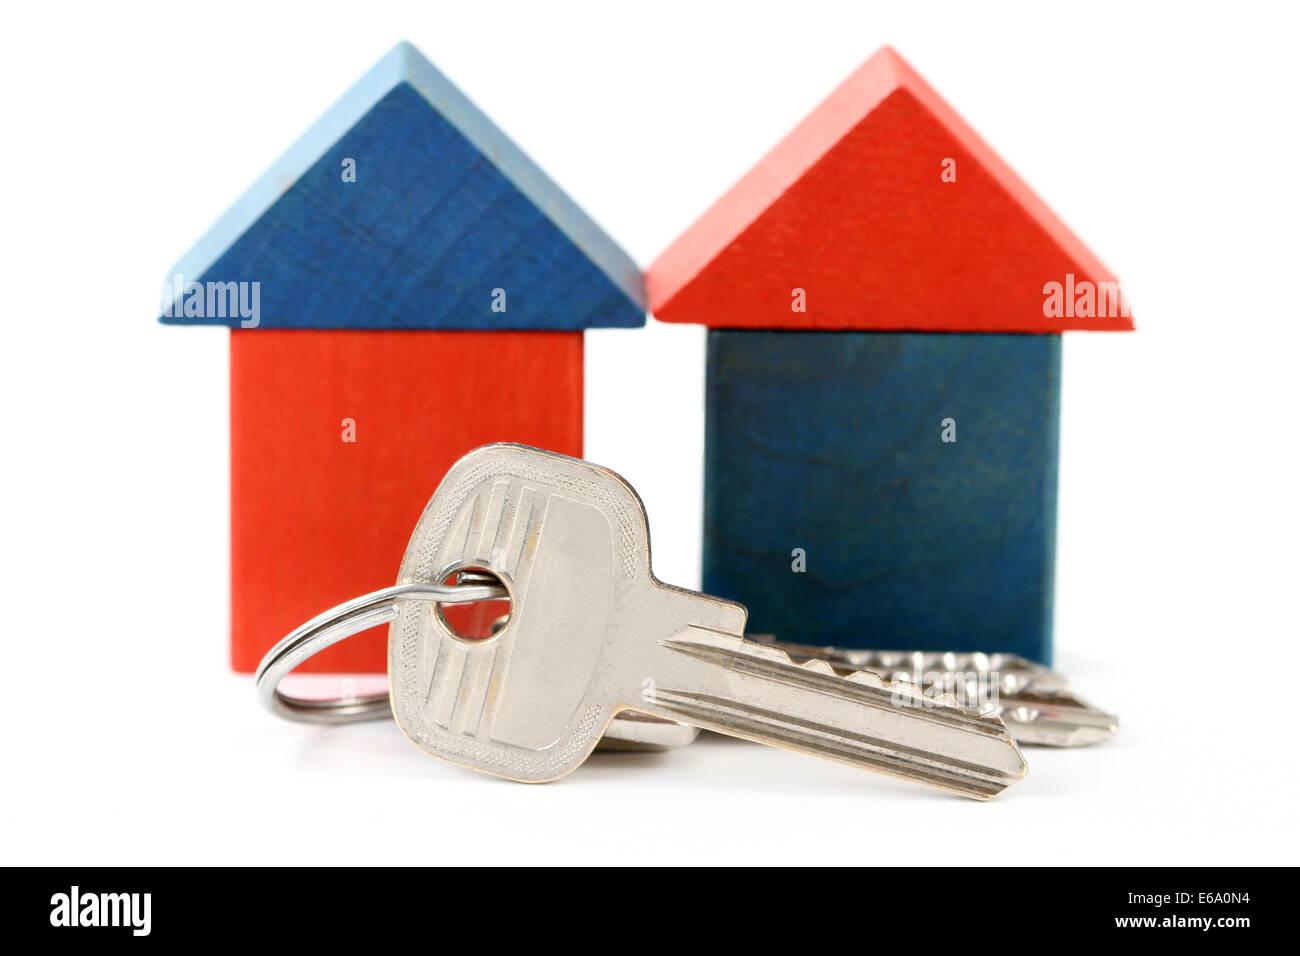 house,property,house key - Stock Image